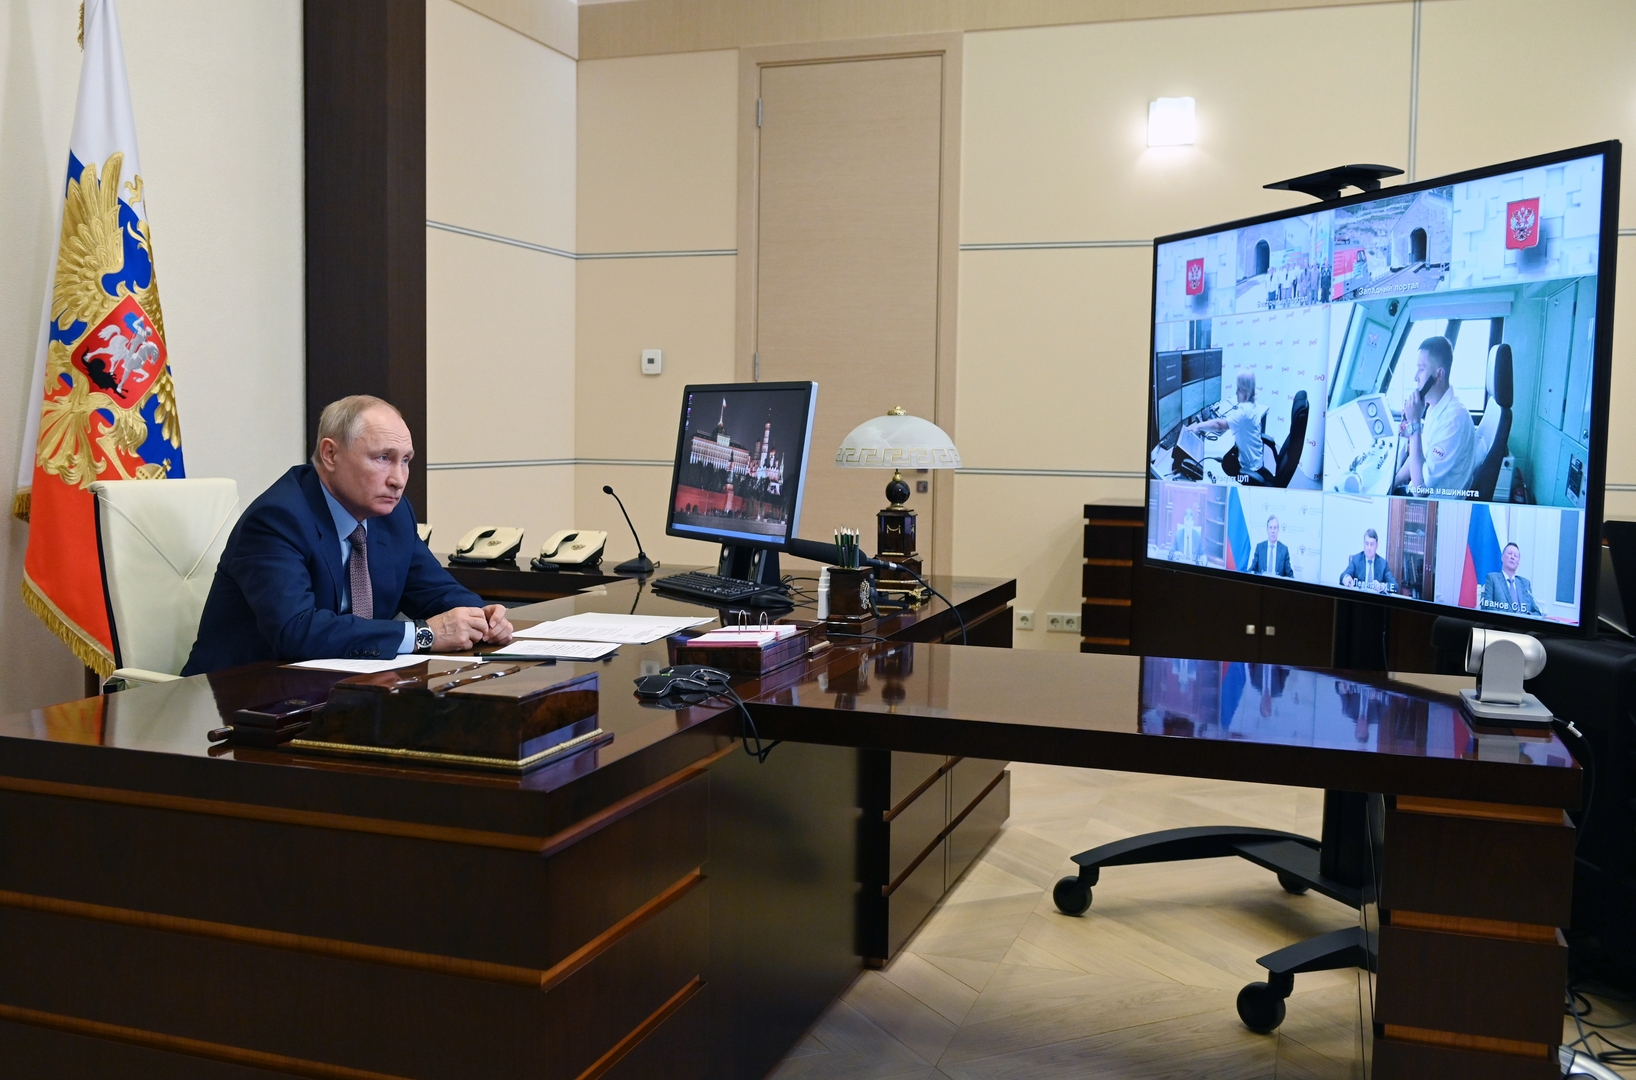 الرئيس الروسيفلاديمير بوتين